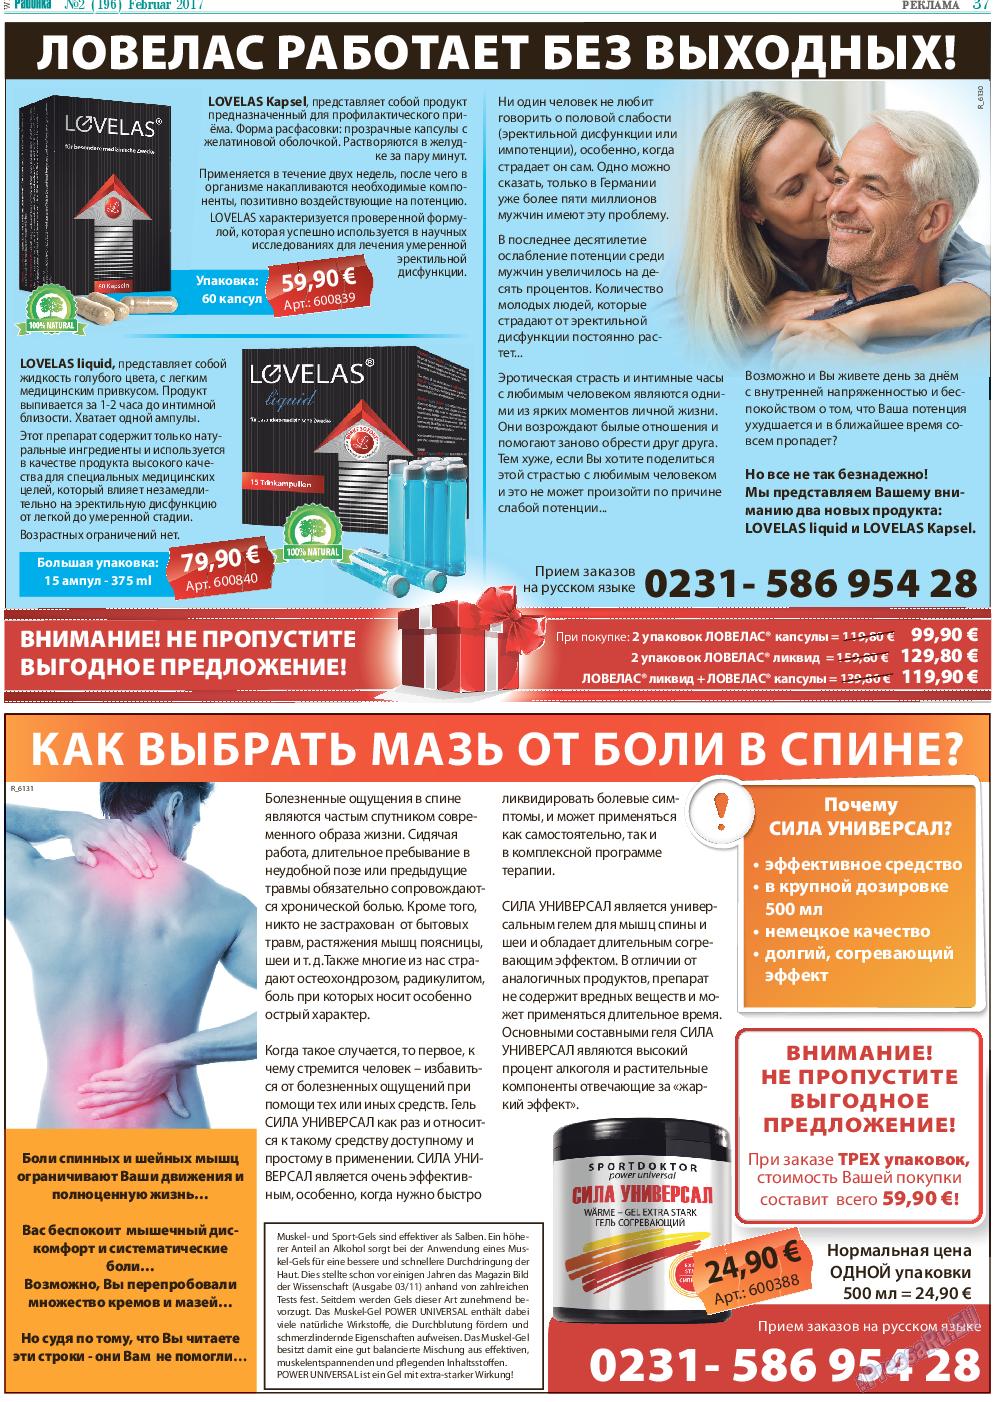 Районка-West (газета). 2017 год, номер 2, стр. 37